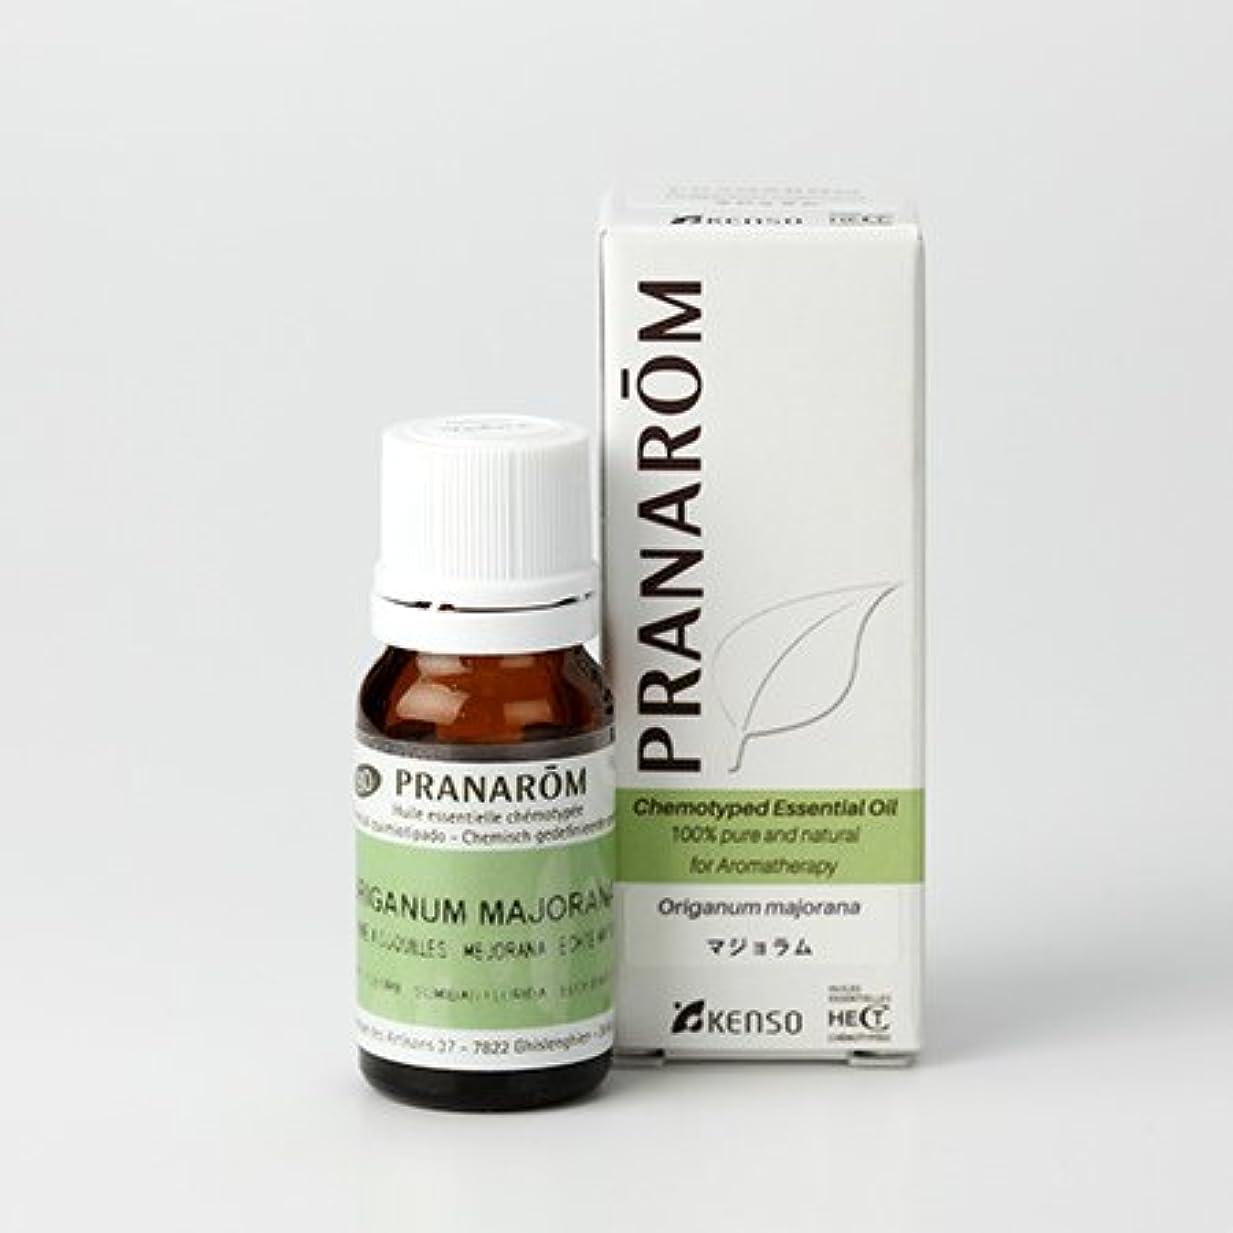 コマンド不測の事態分類プラナロム マジョラム 10ml (PRANAROM ケモタイプ精油)